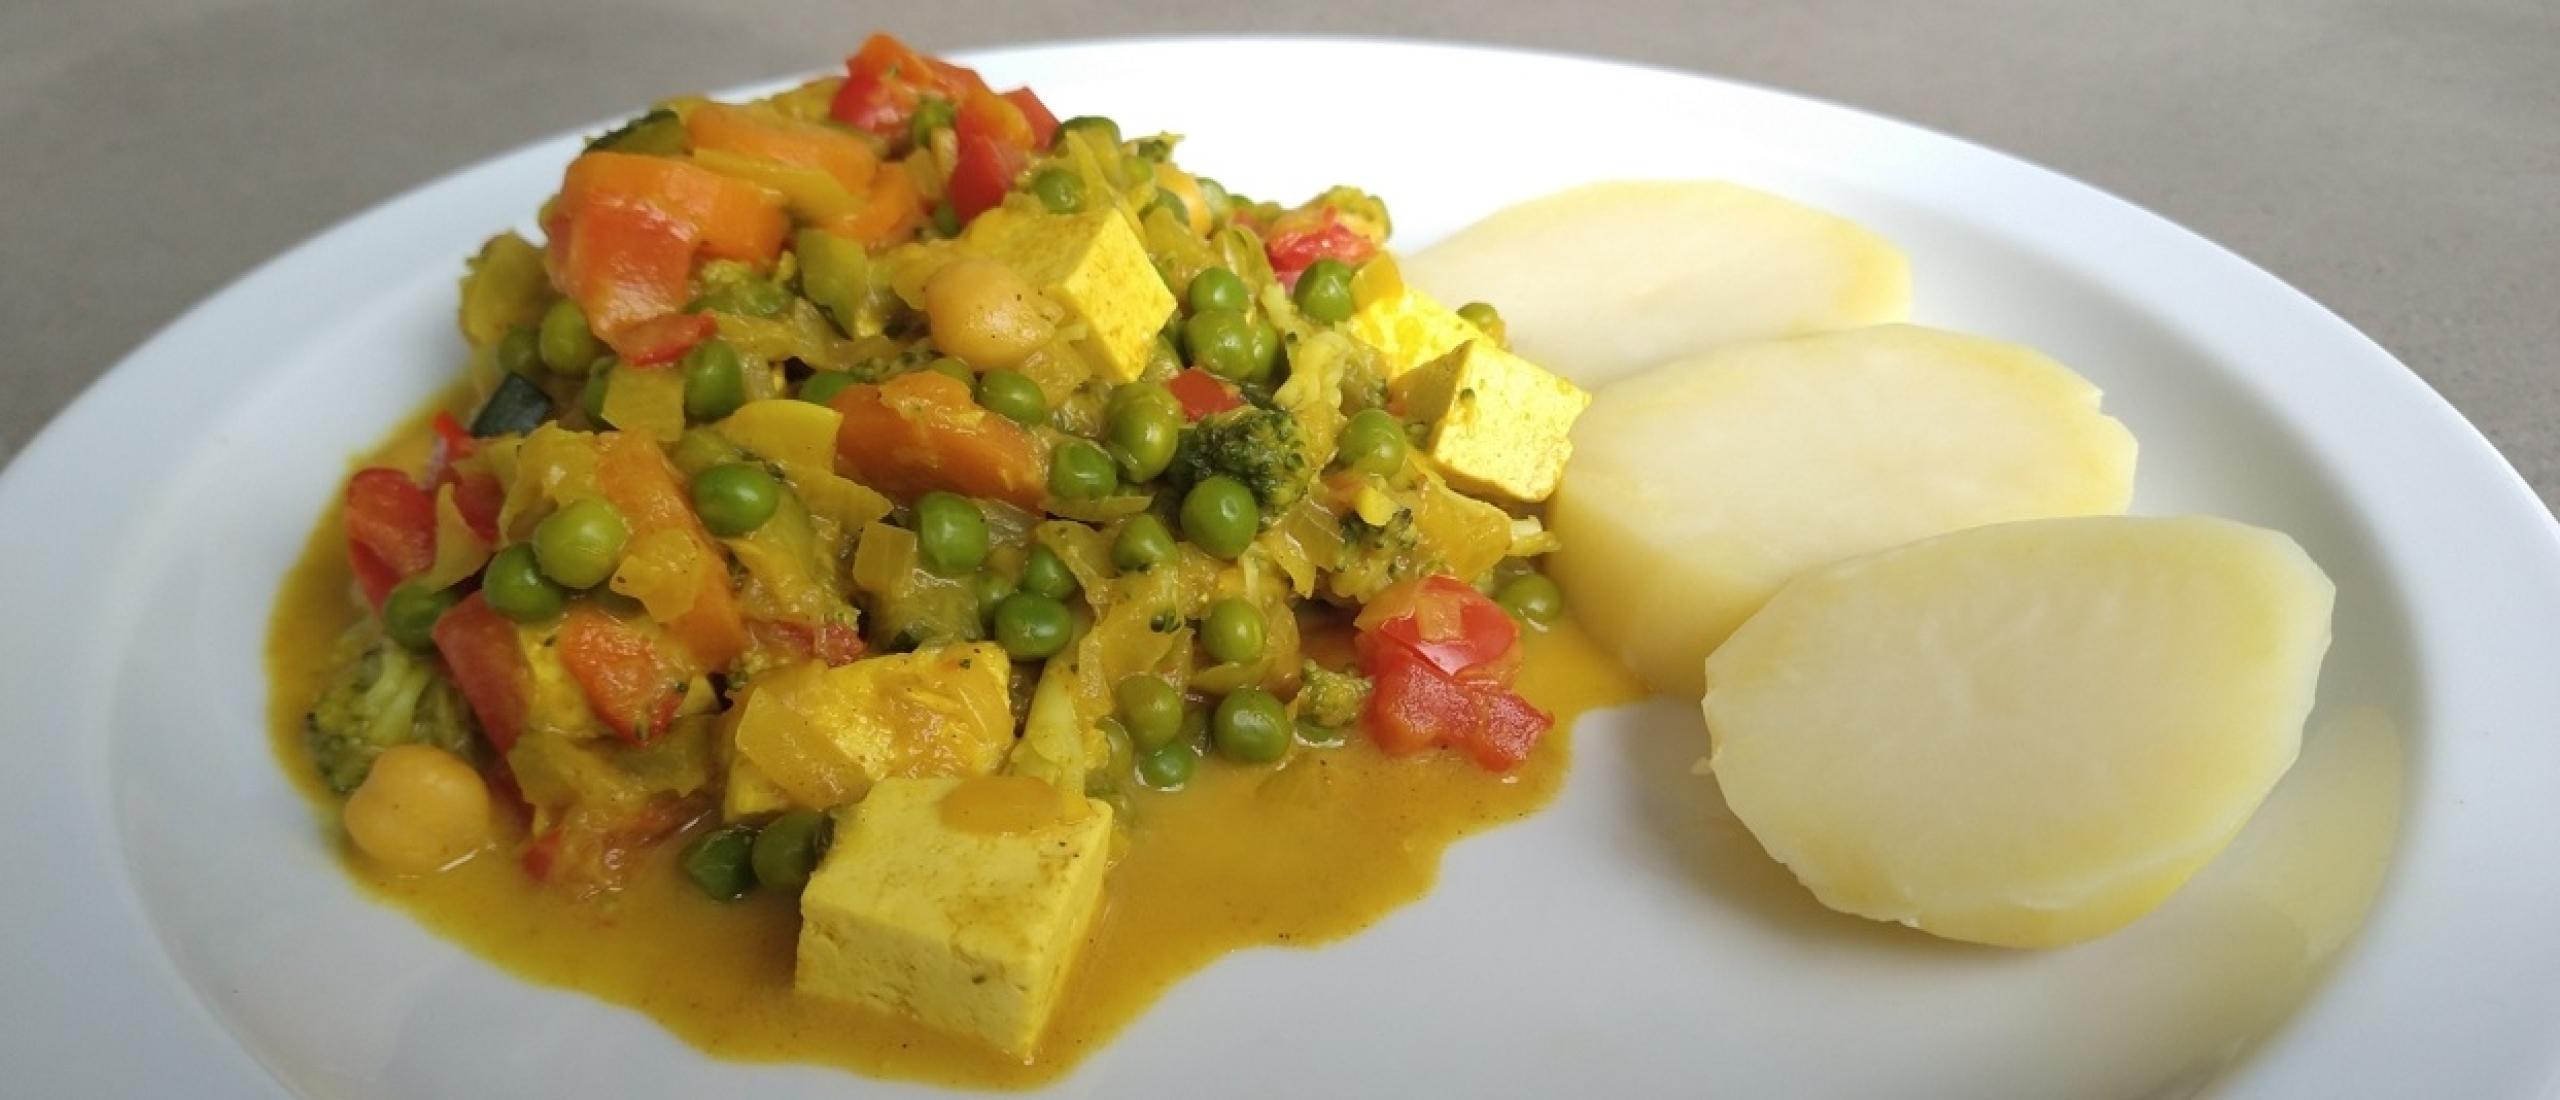 Vegetarische groentecurry met tofu en kikkererwten